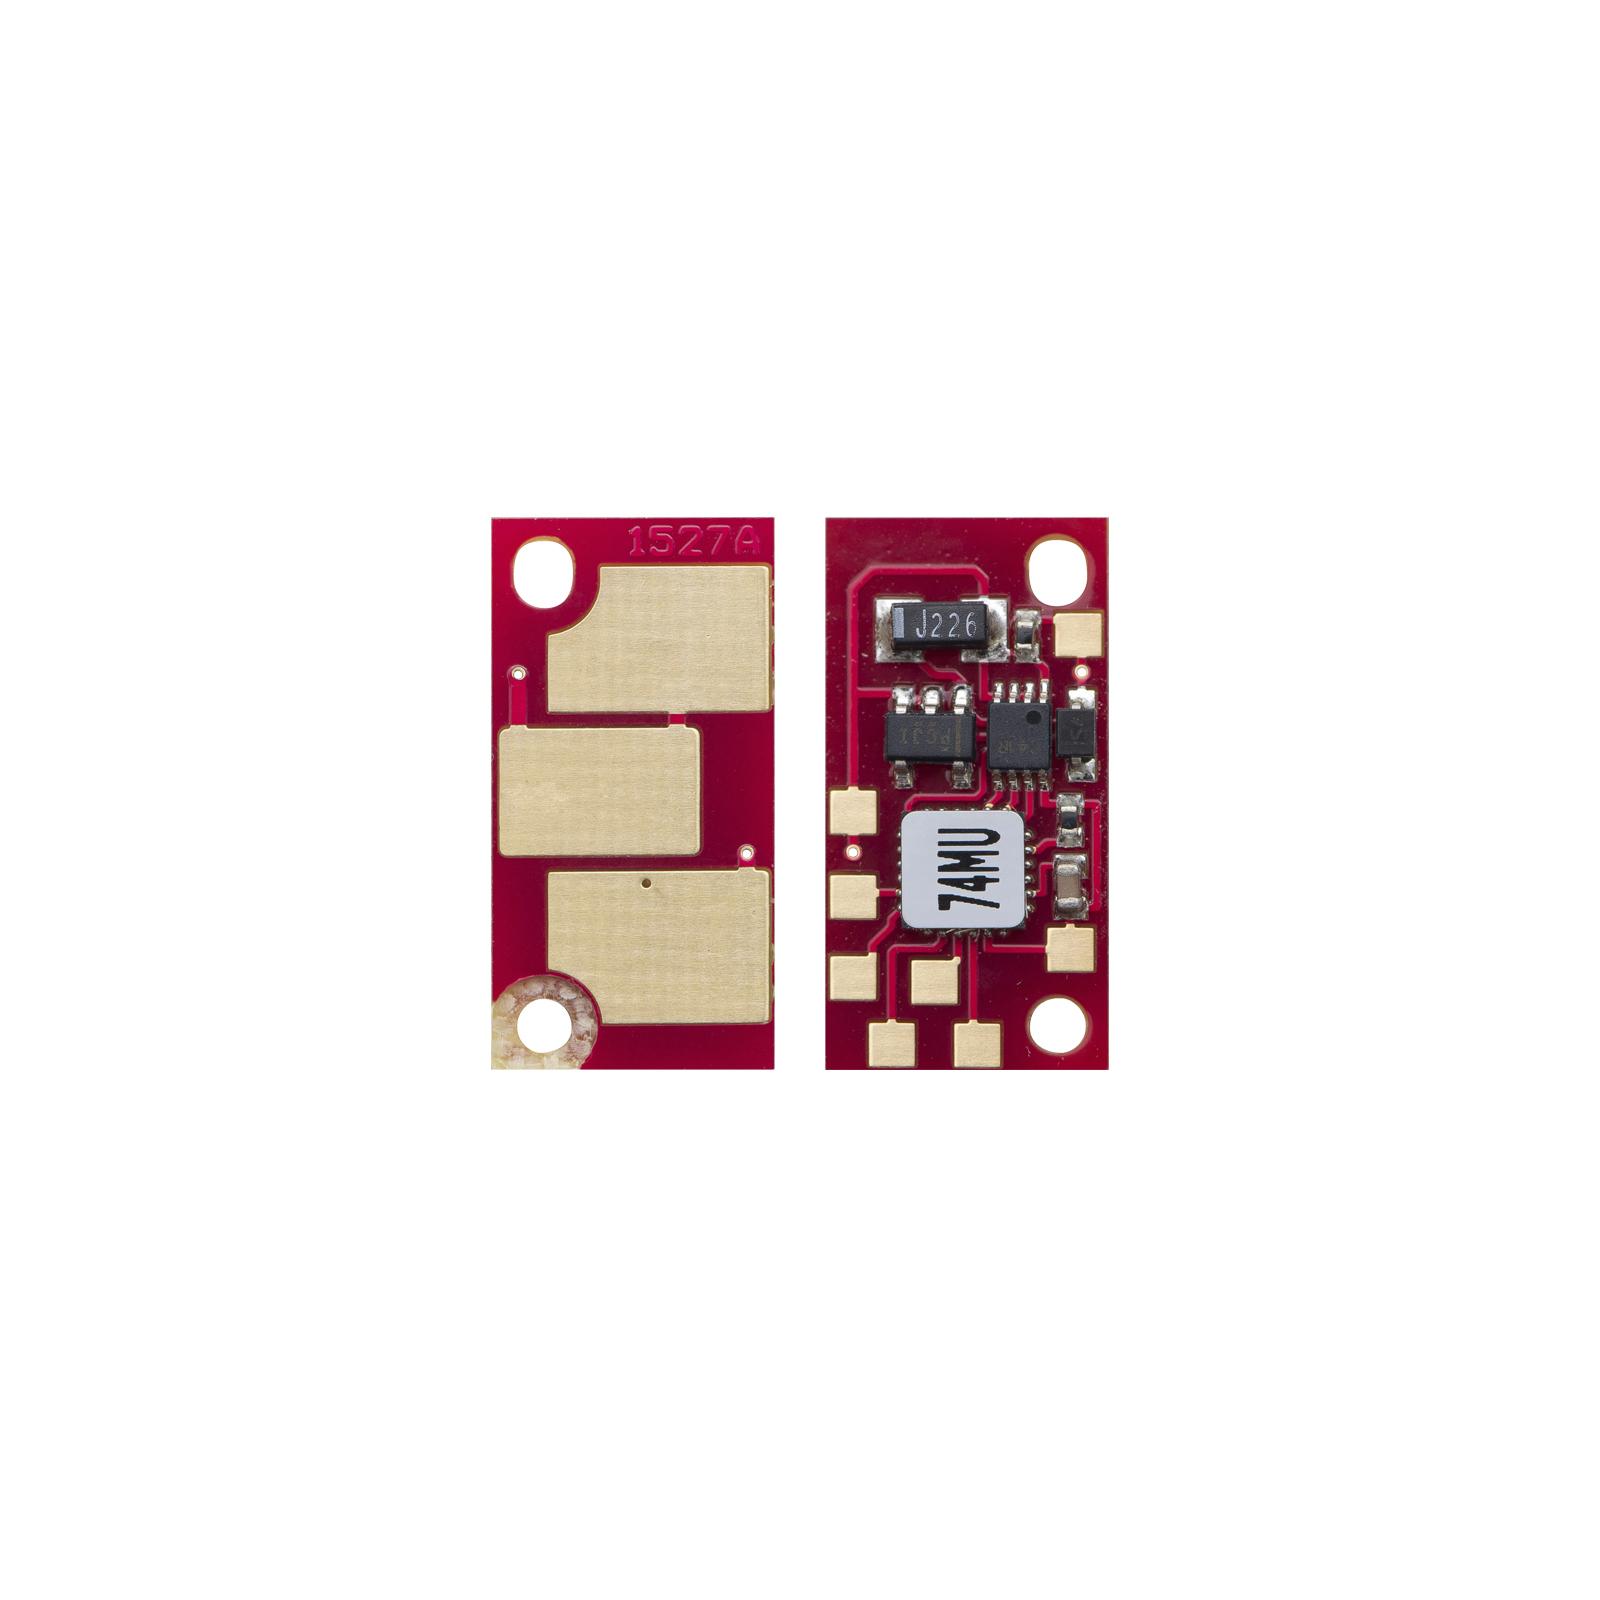 Чип для картриджа Konica Minolta Magicolor 7450 12k magenta Static Control (KM7450CHIP-MAEU)